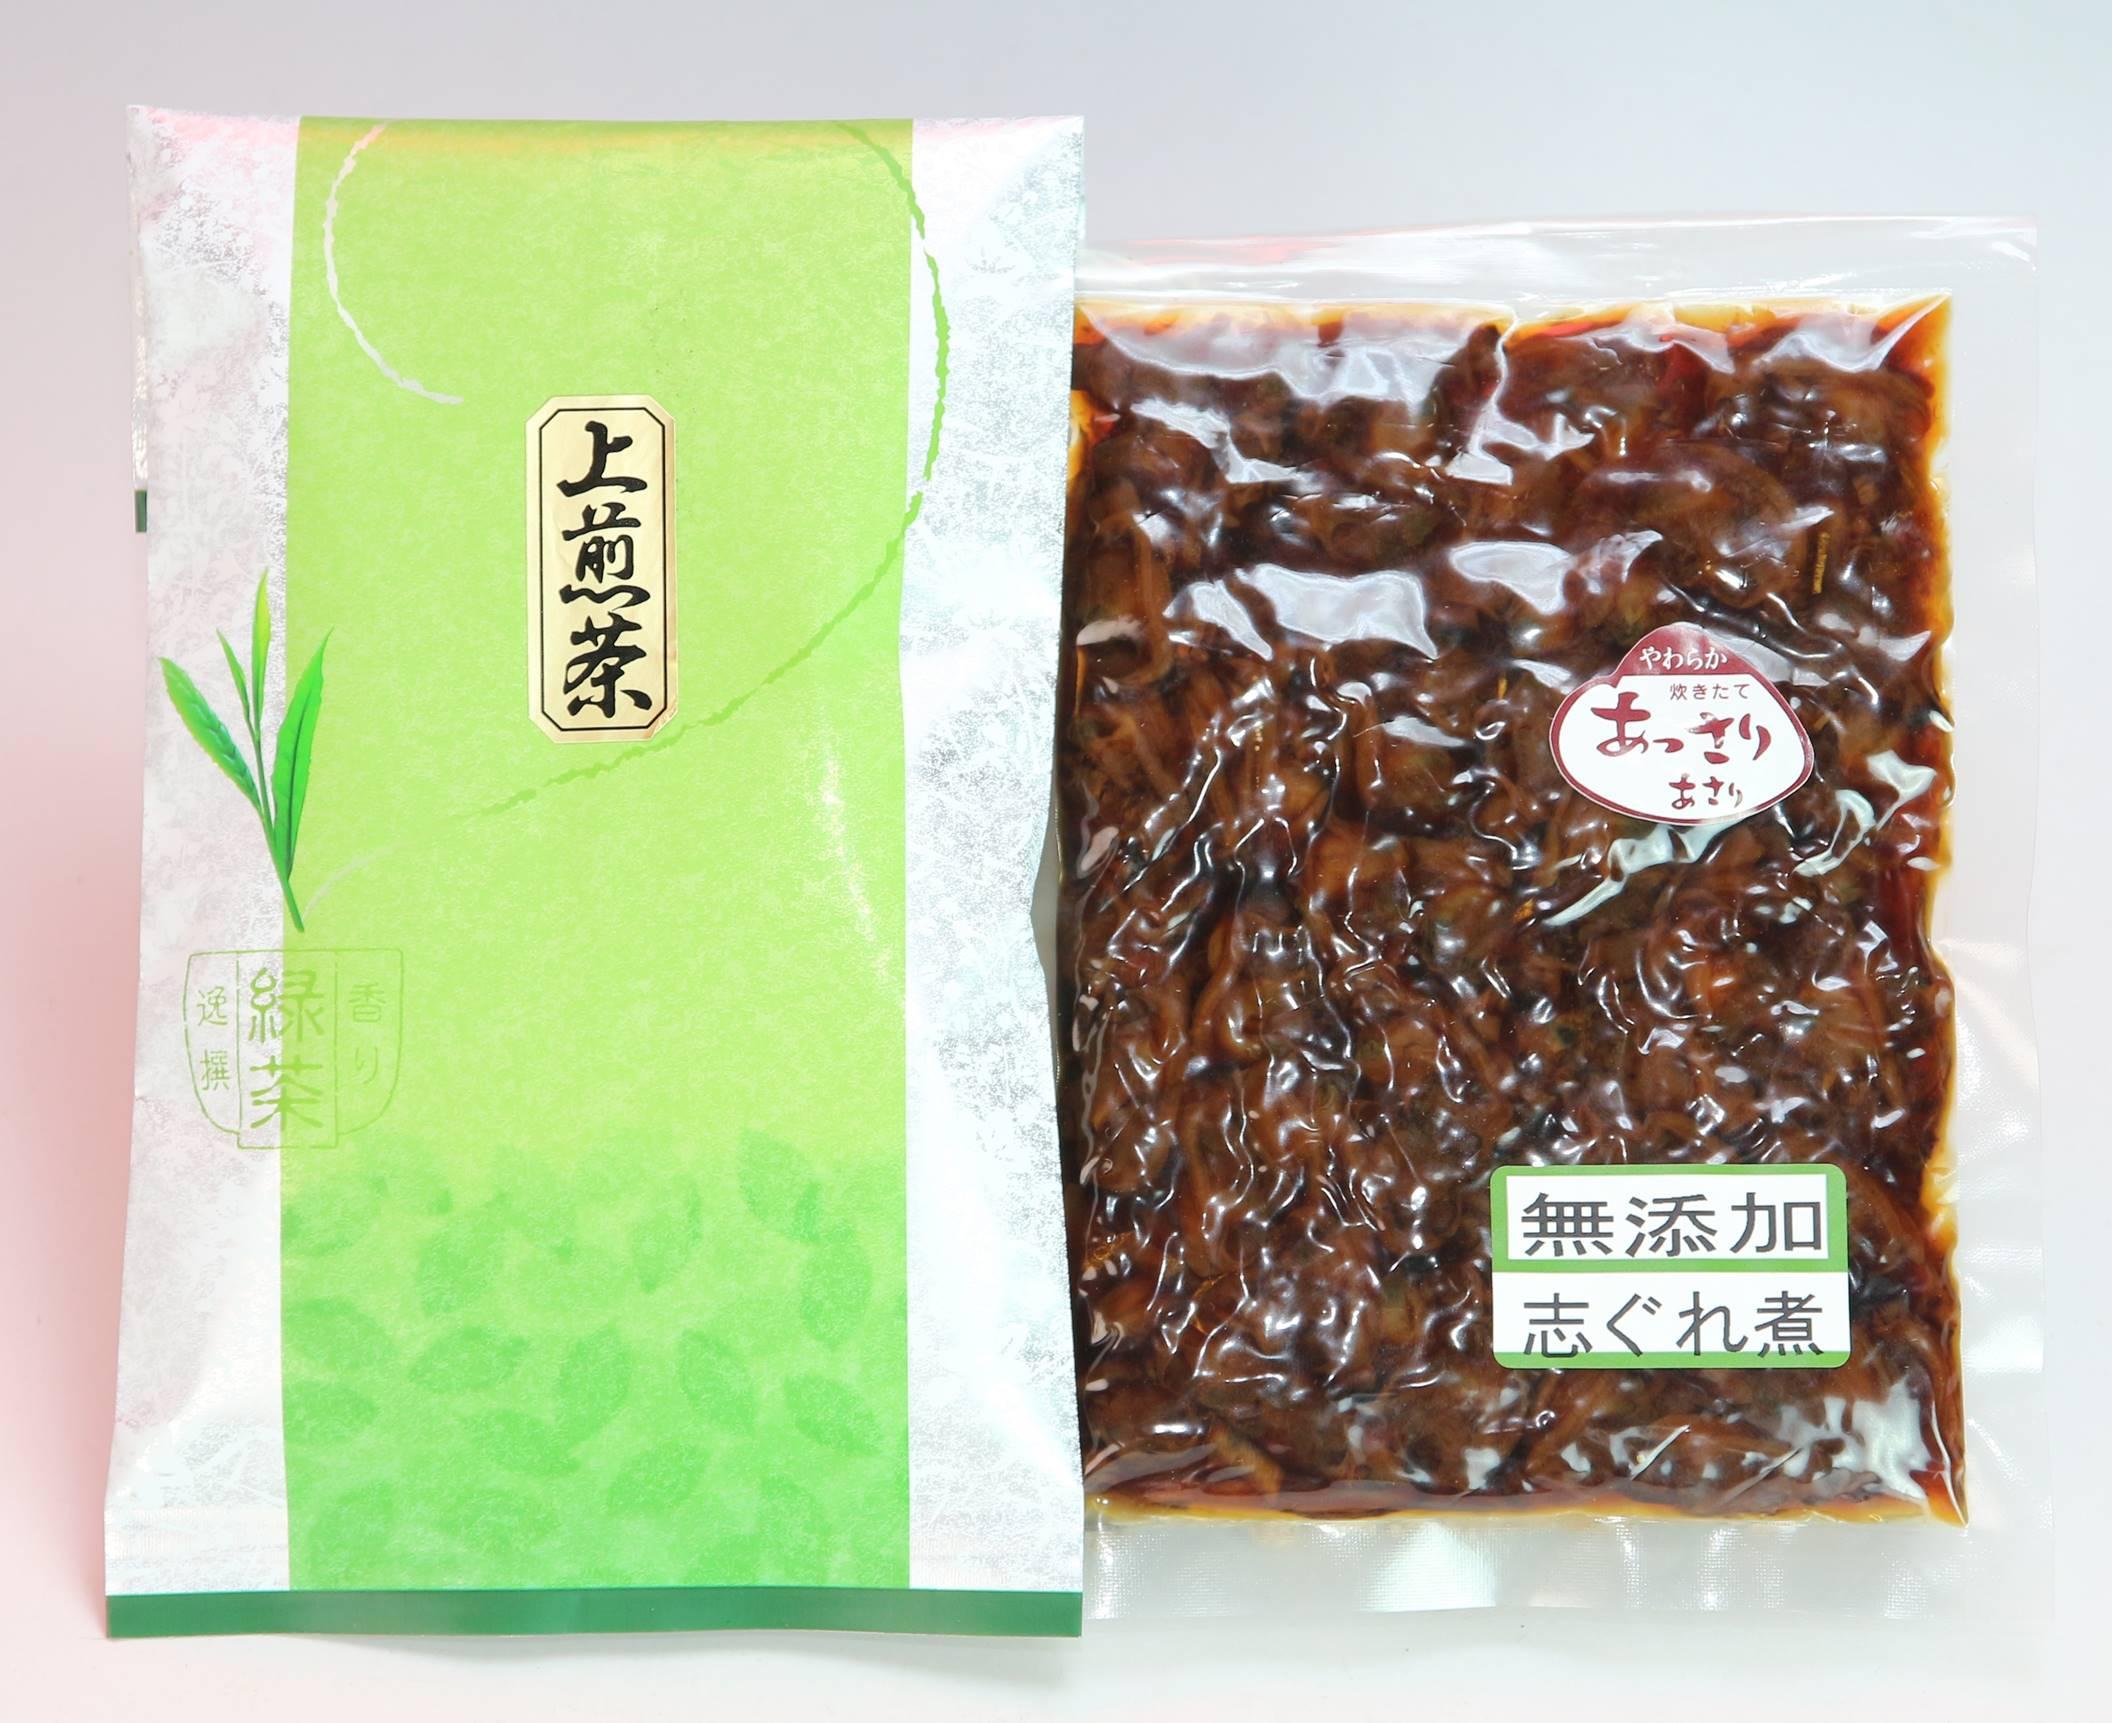 桑名の殿様時雨で茶漬けセット商品画像